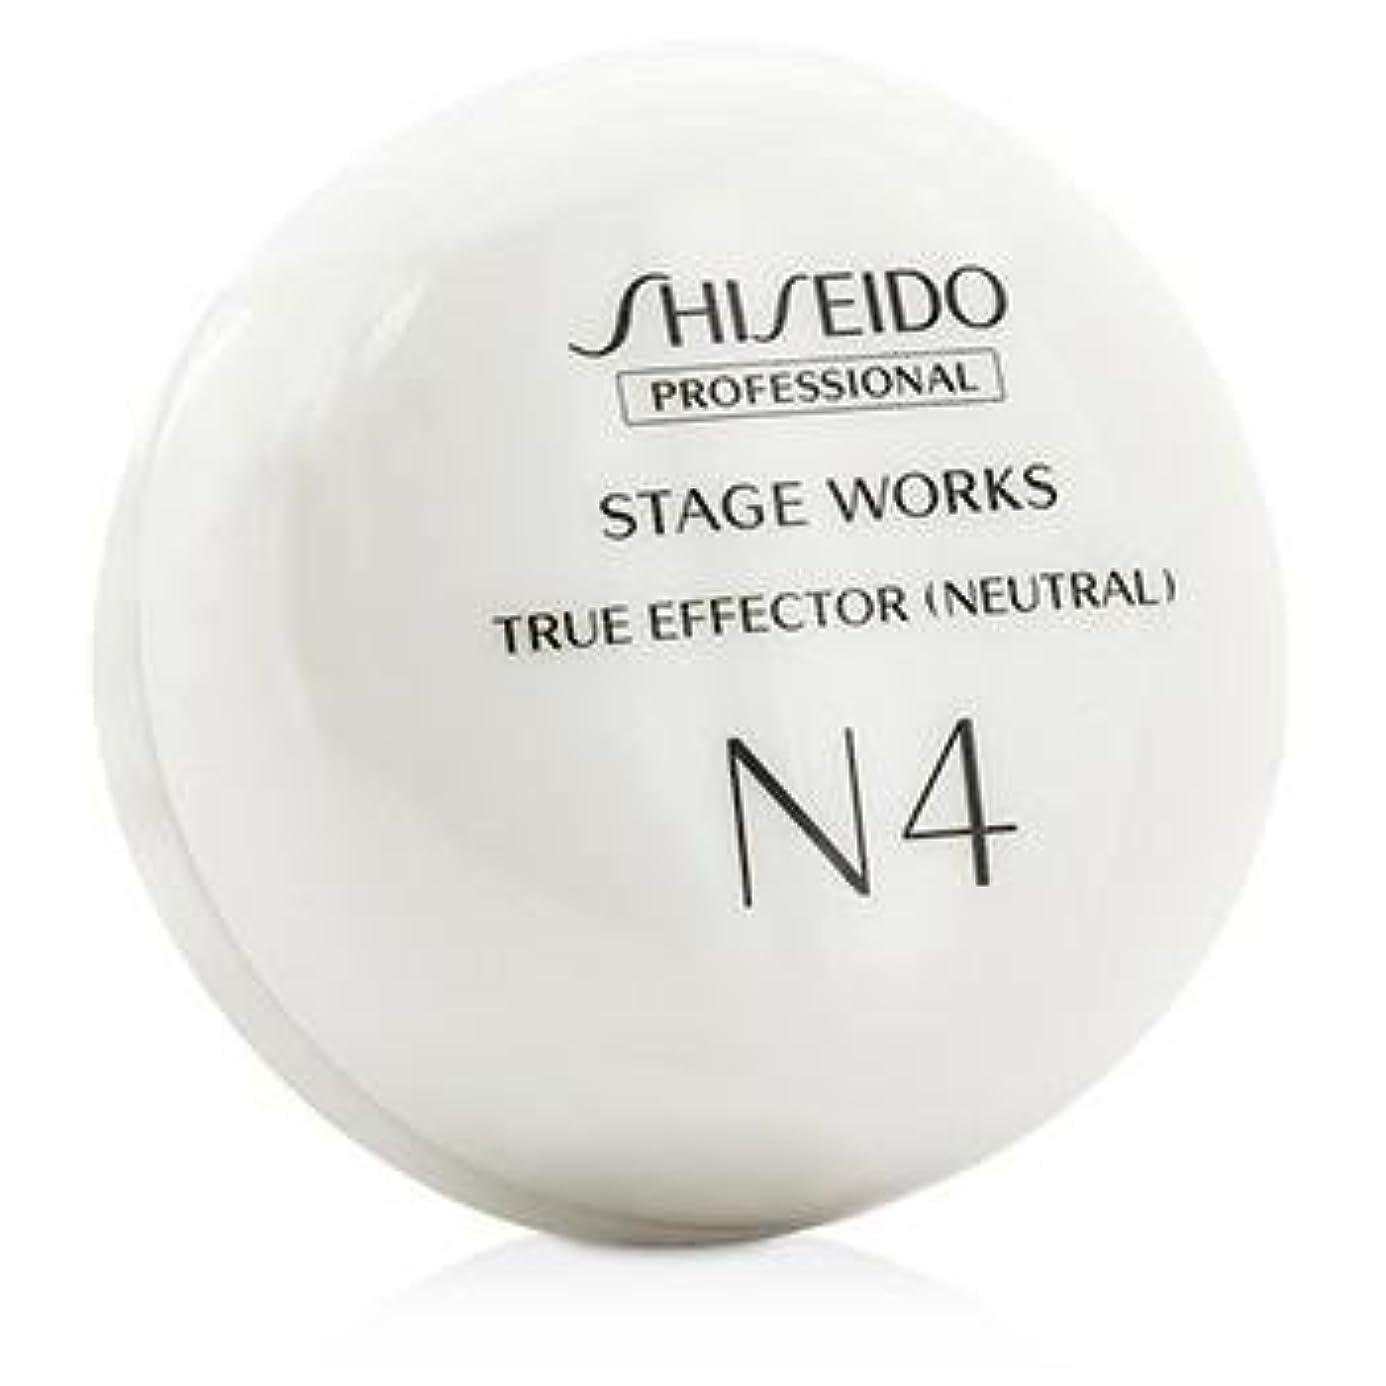 アダルト聴衆不名誉な資生堂プロフェッショナルステージワークストゥルーエフェクター(ニュートラル)80g